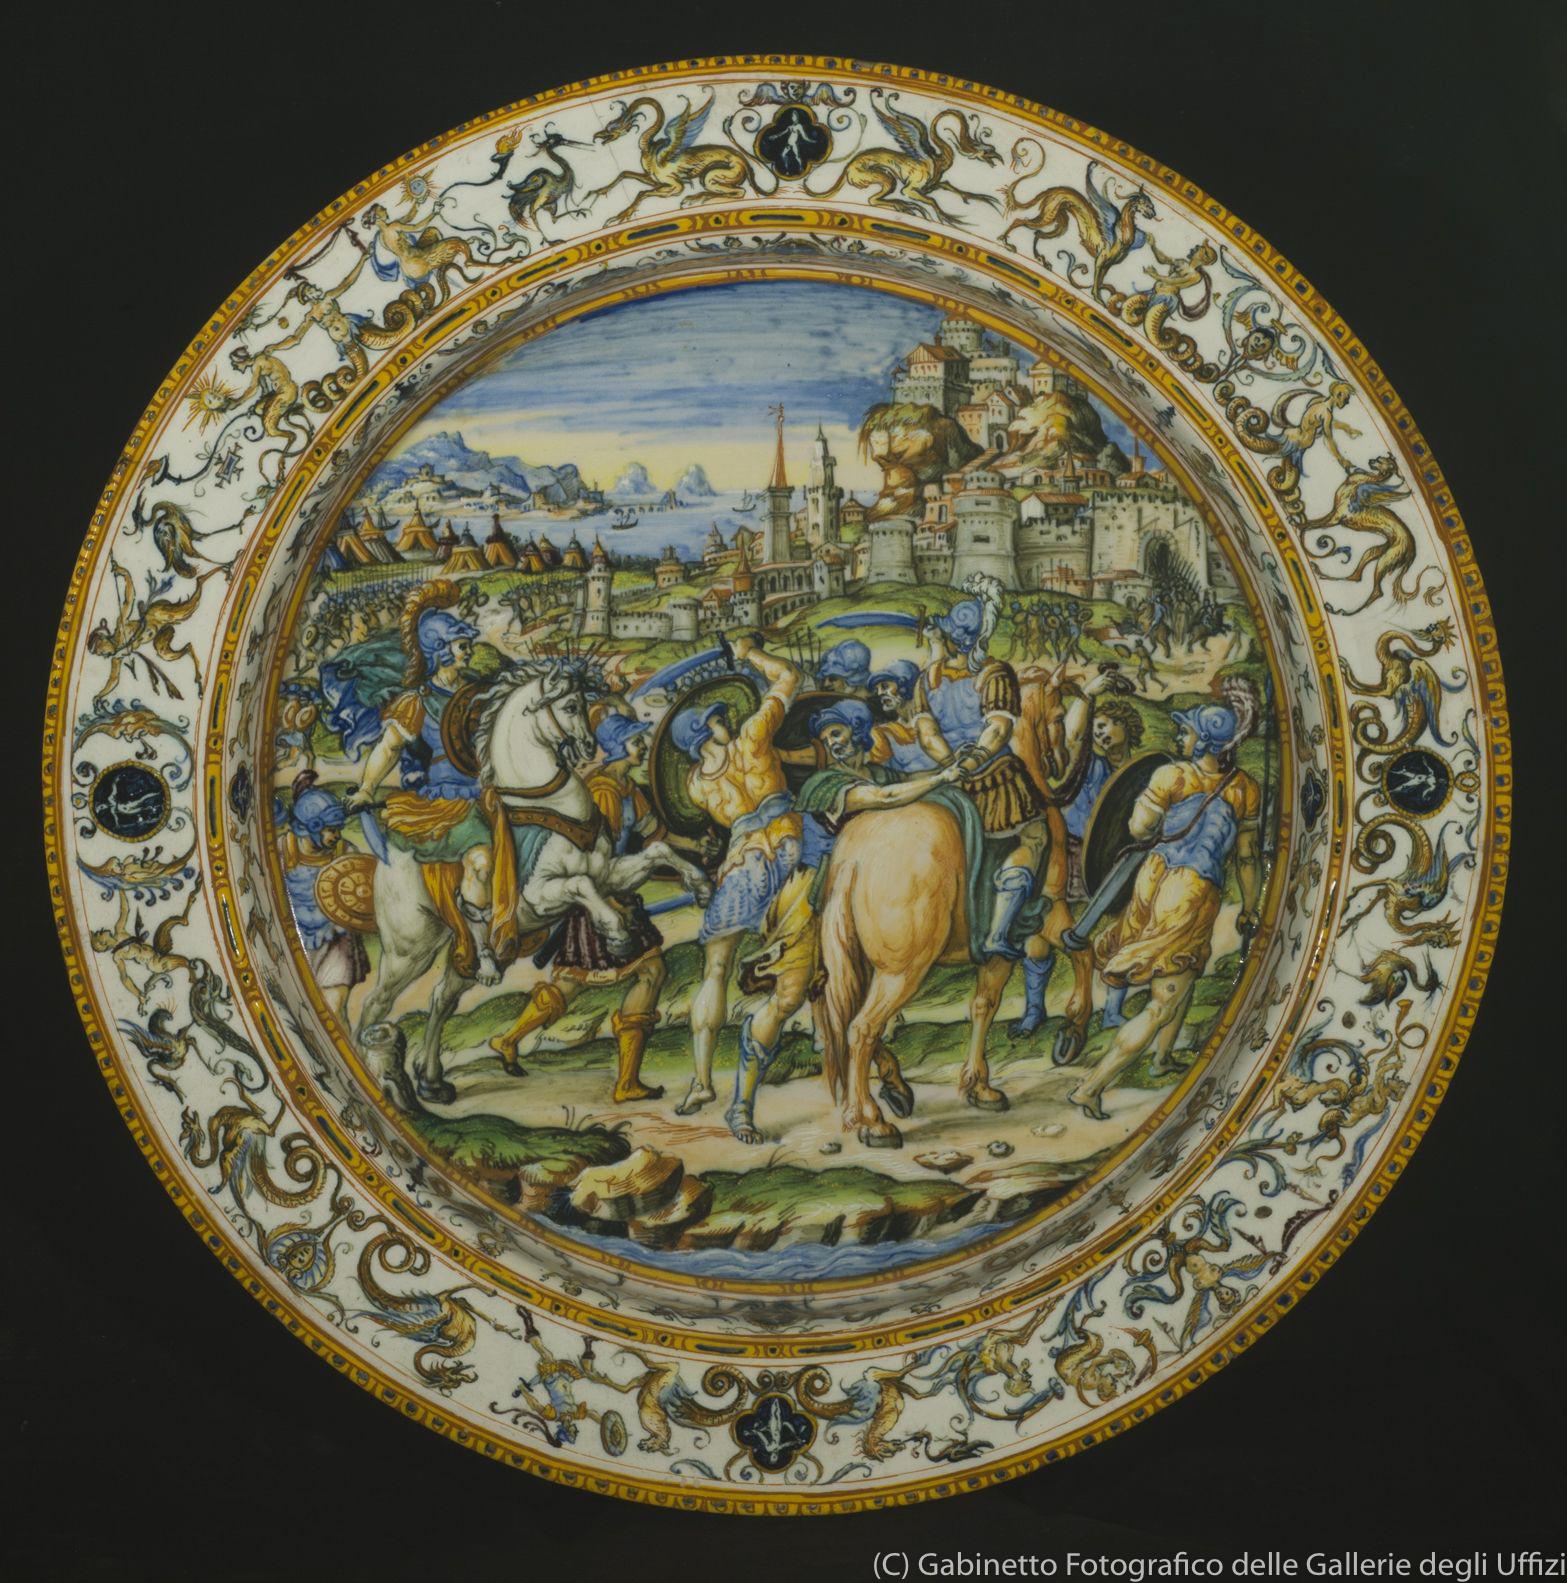 ウルビーノ窯、パタナッツィ工房《市民を救うカエサルが描かれた大皿》(1580-90年頃、バルジェッロ美術館)